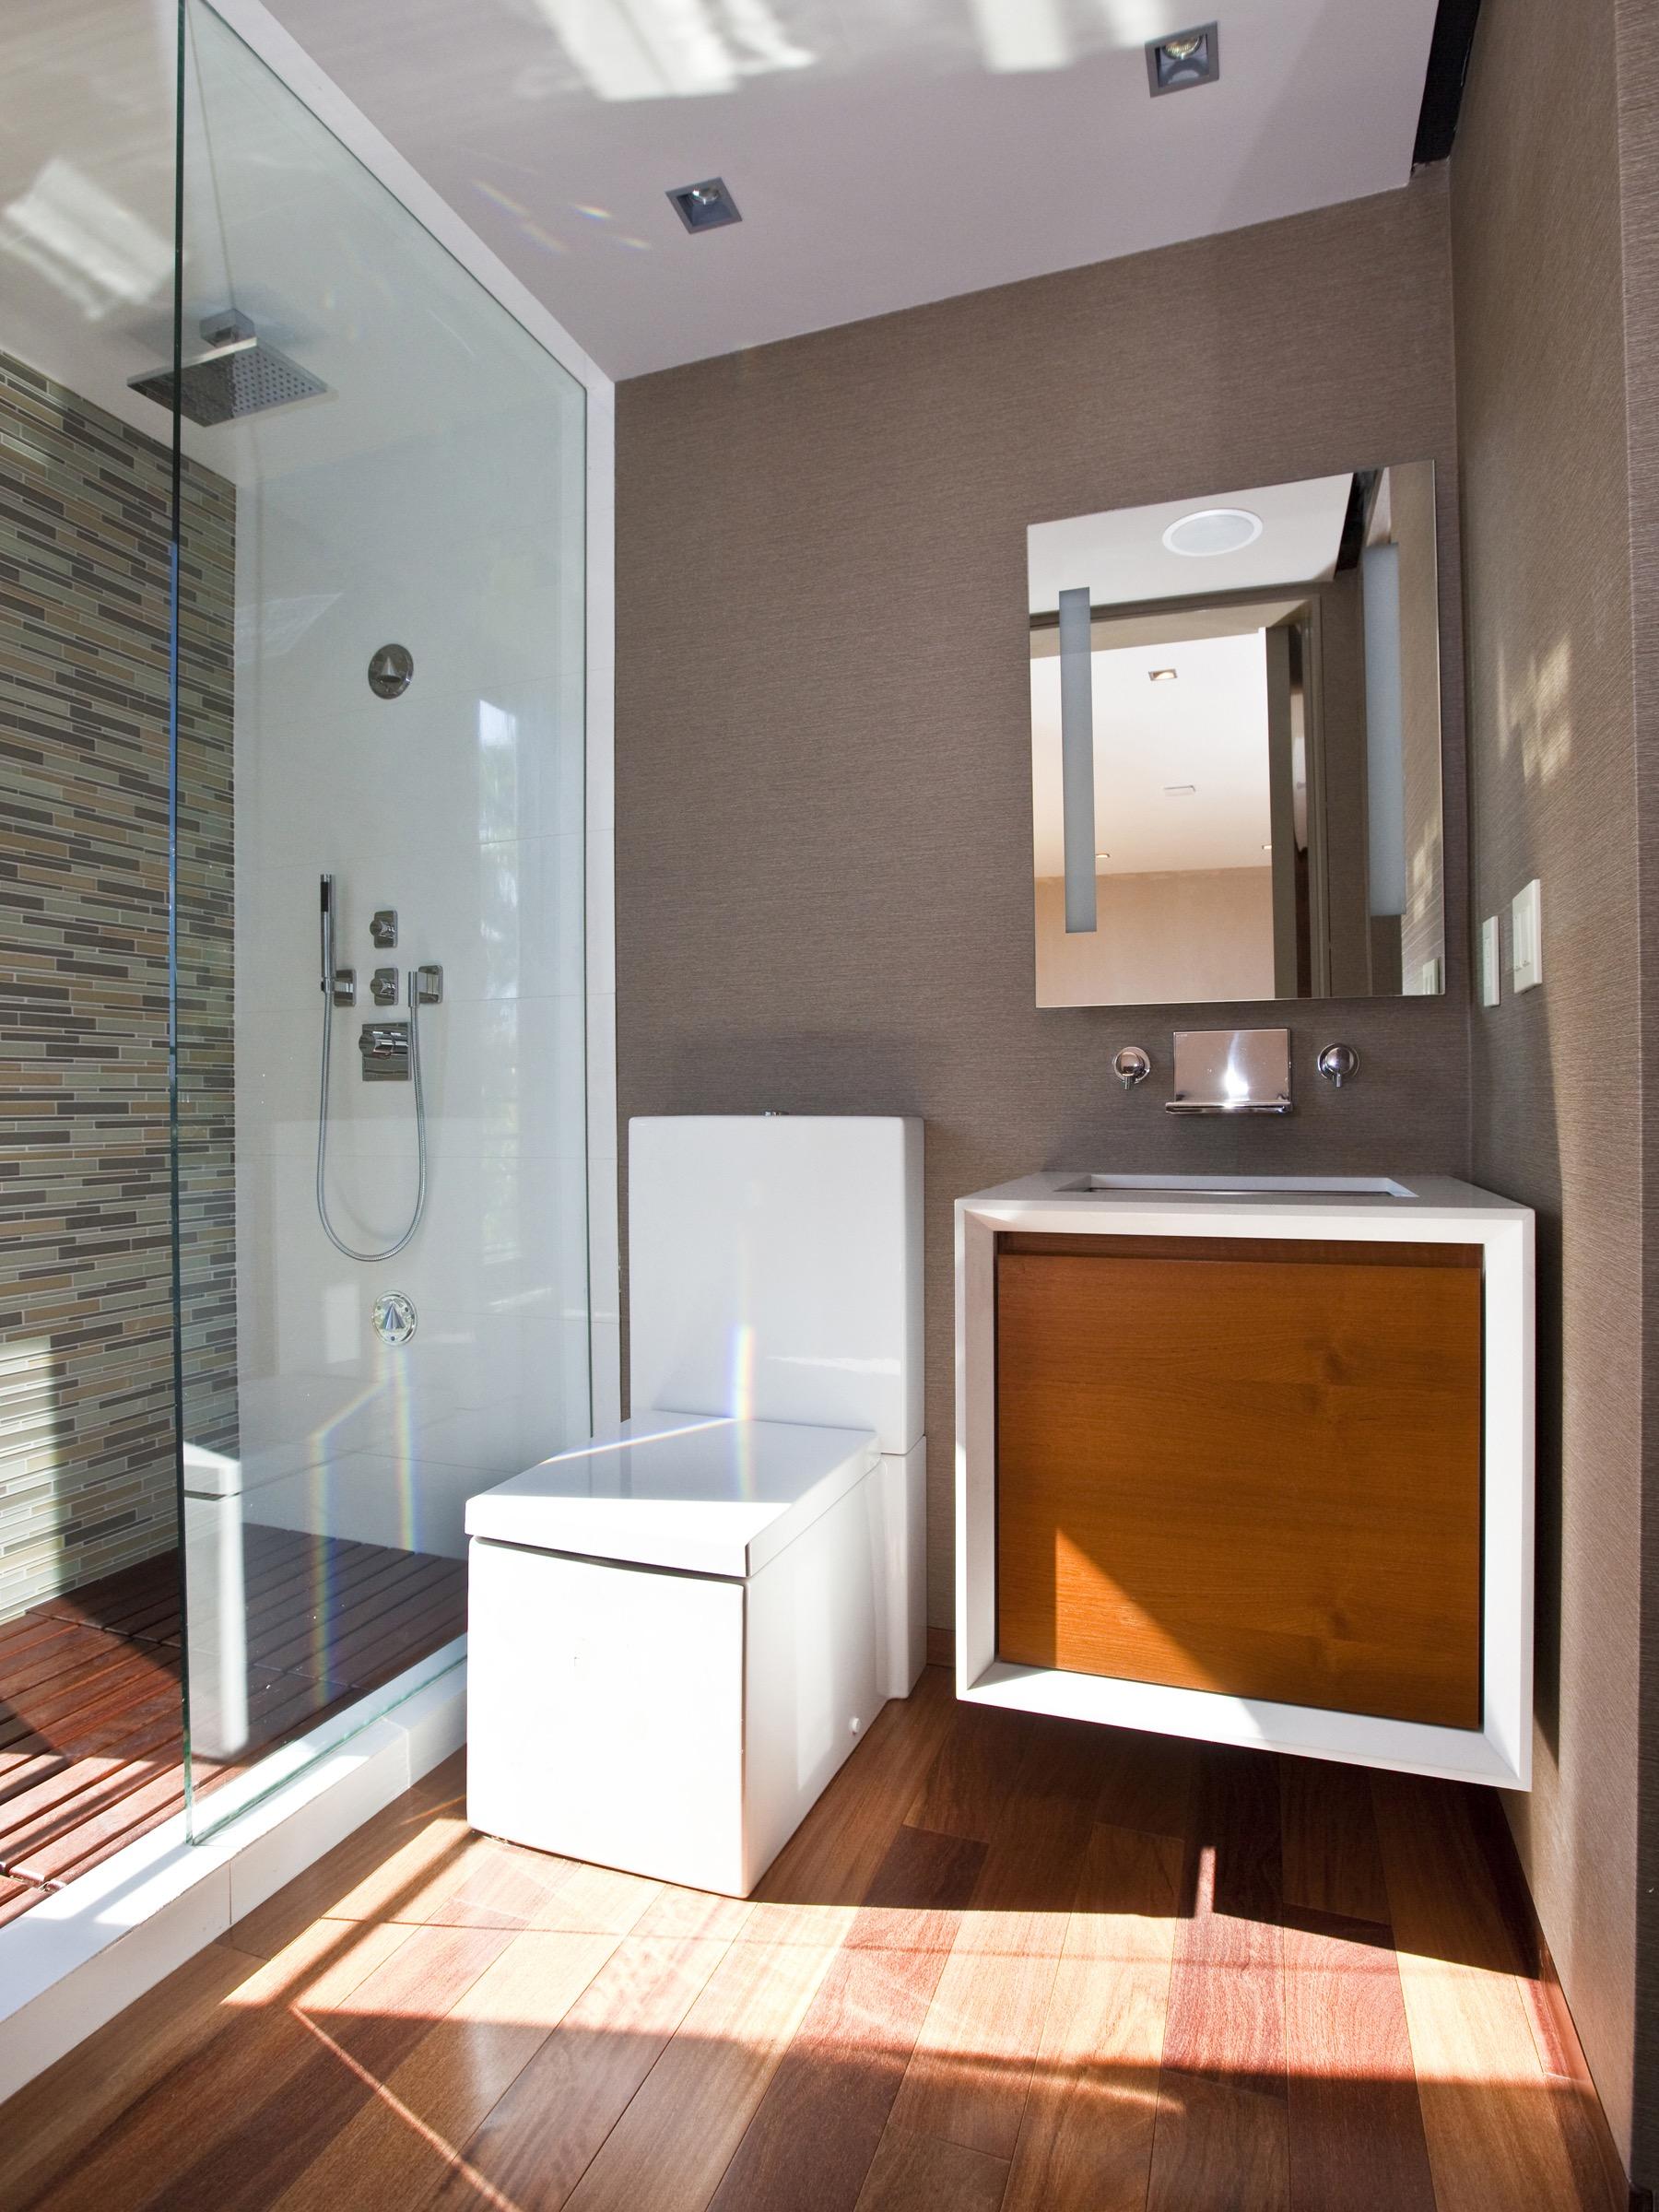 Modern Floating Vanity And Elegant Glass Shower Furniture (Image 15 of 18)